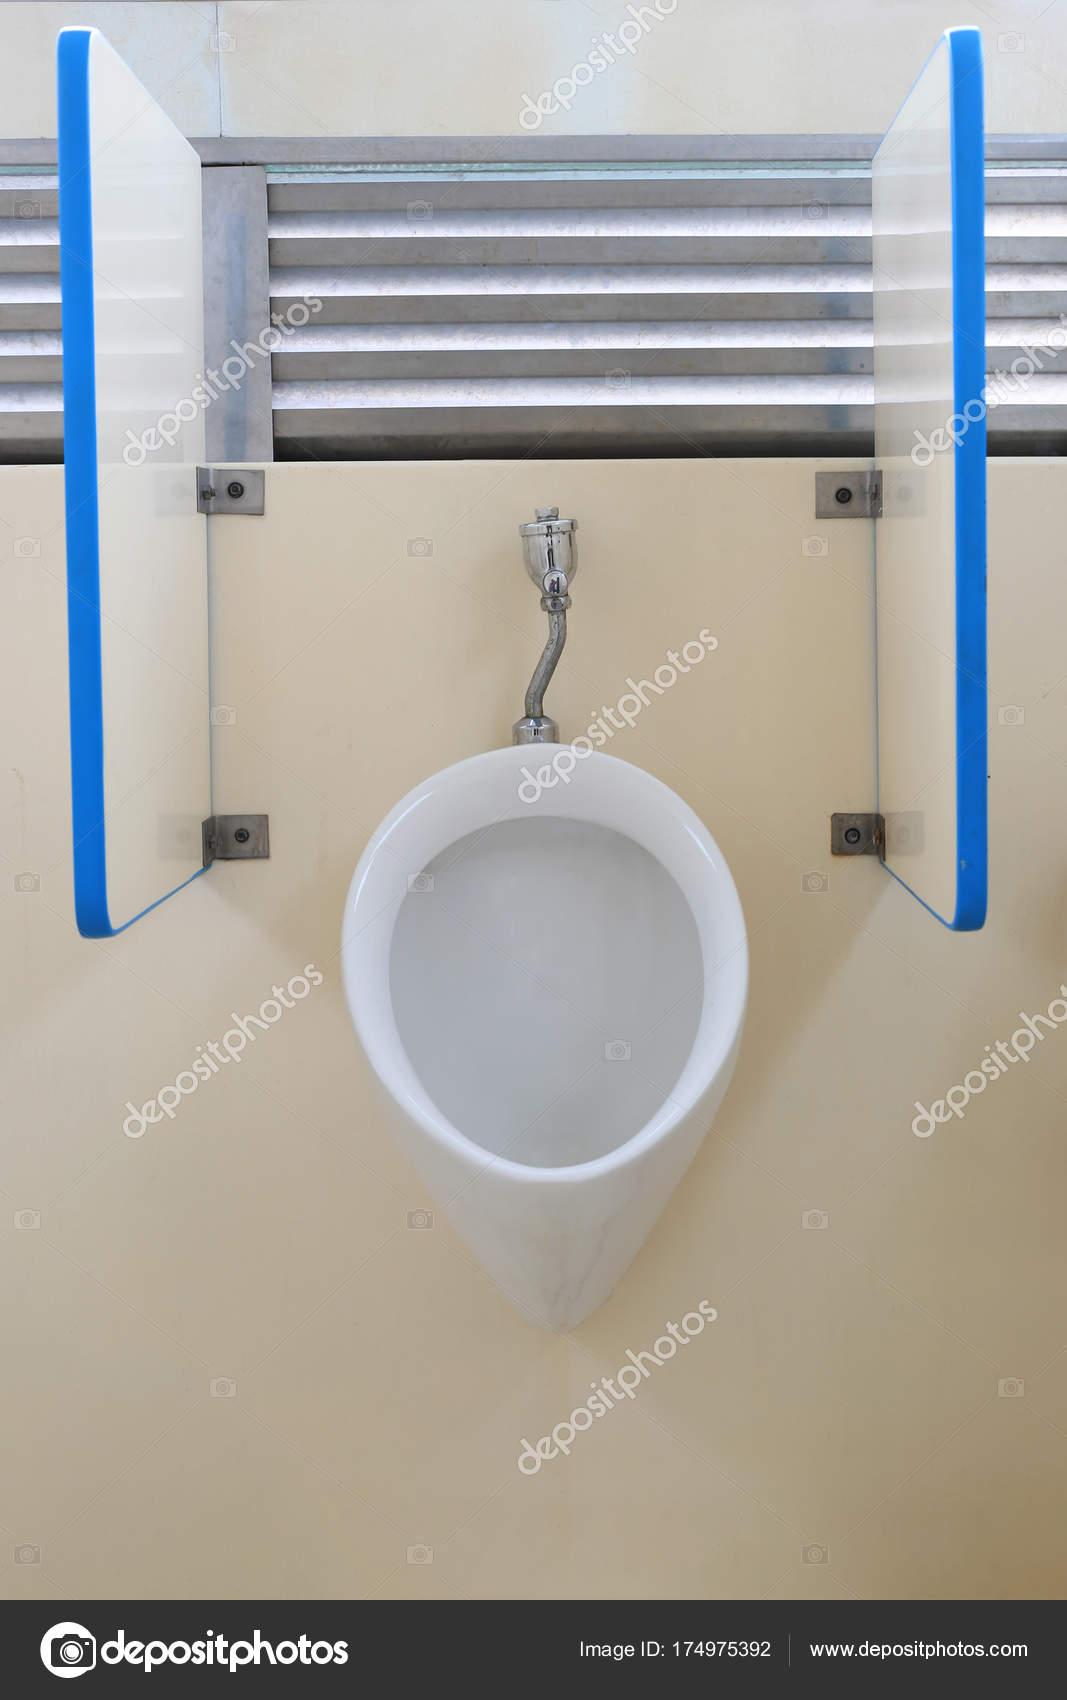 Salle De Bain Urinoir ~ urinoir moderne dans la salle de bain hommes photographie